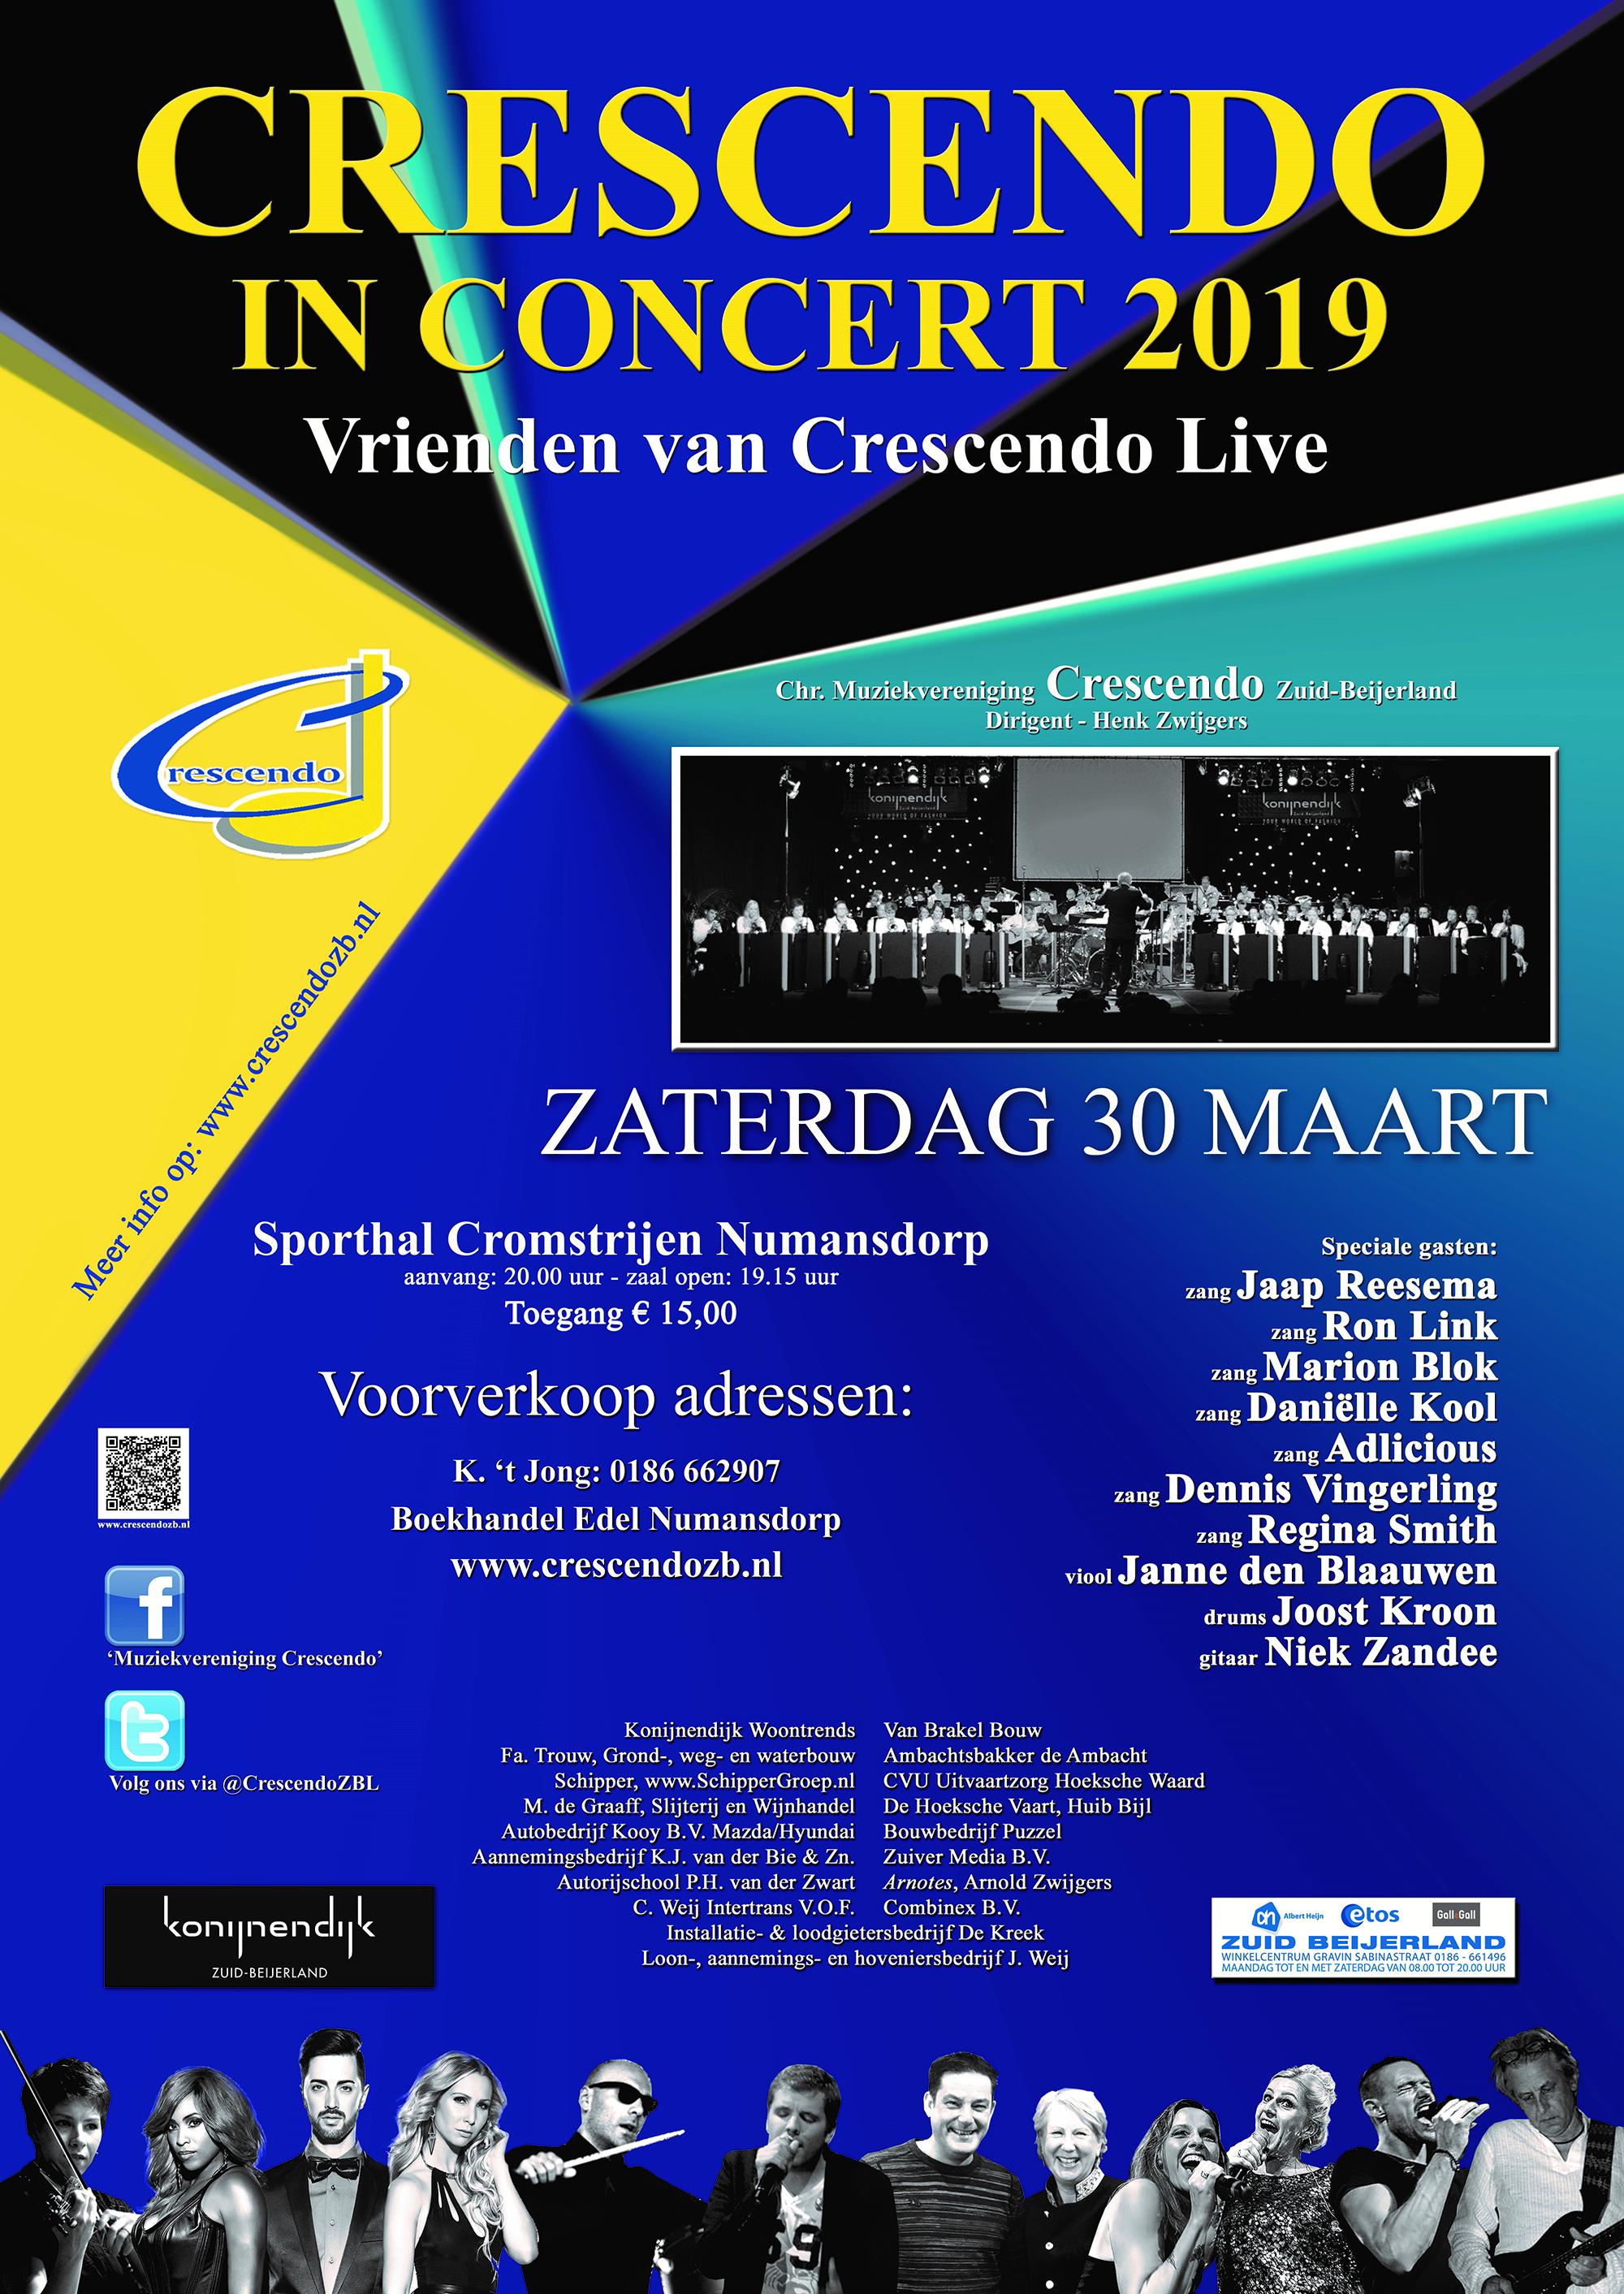 Vrienden van Crescendo Numansdorp 17-24 maart